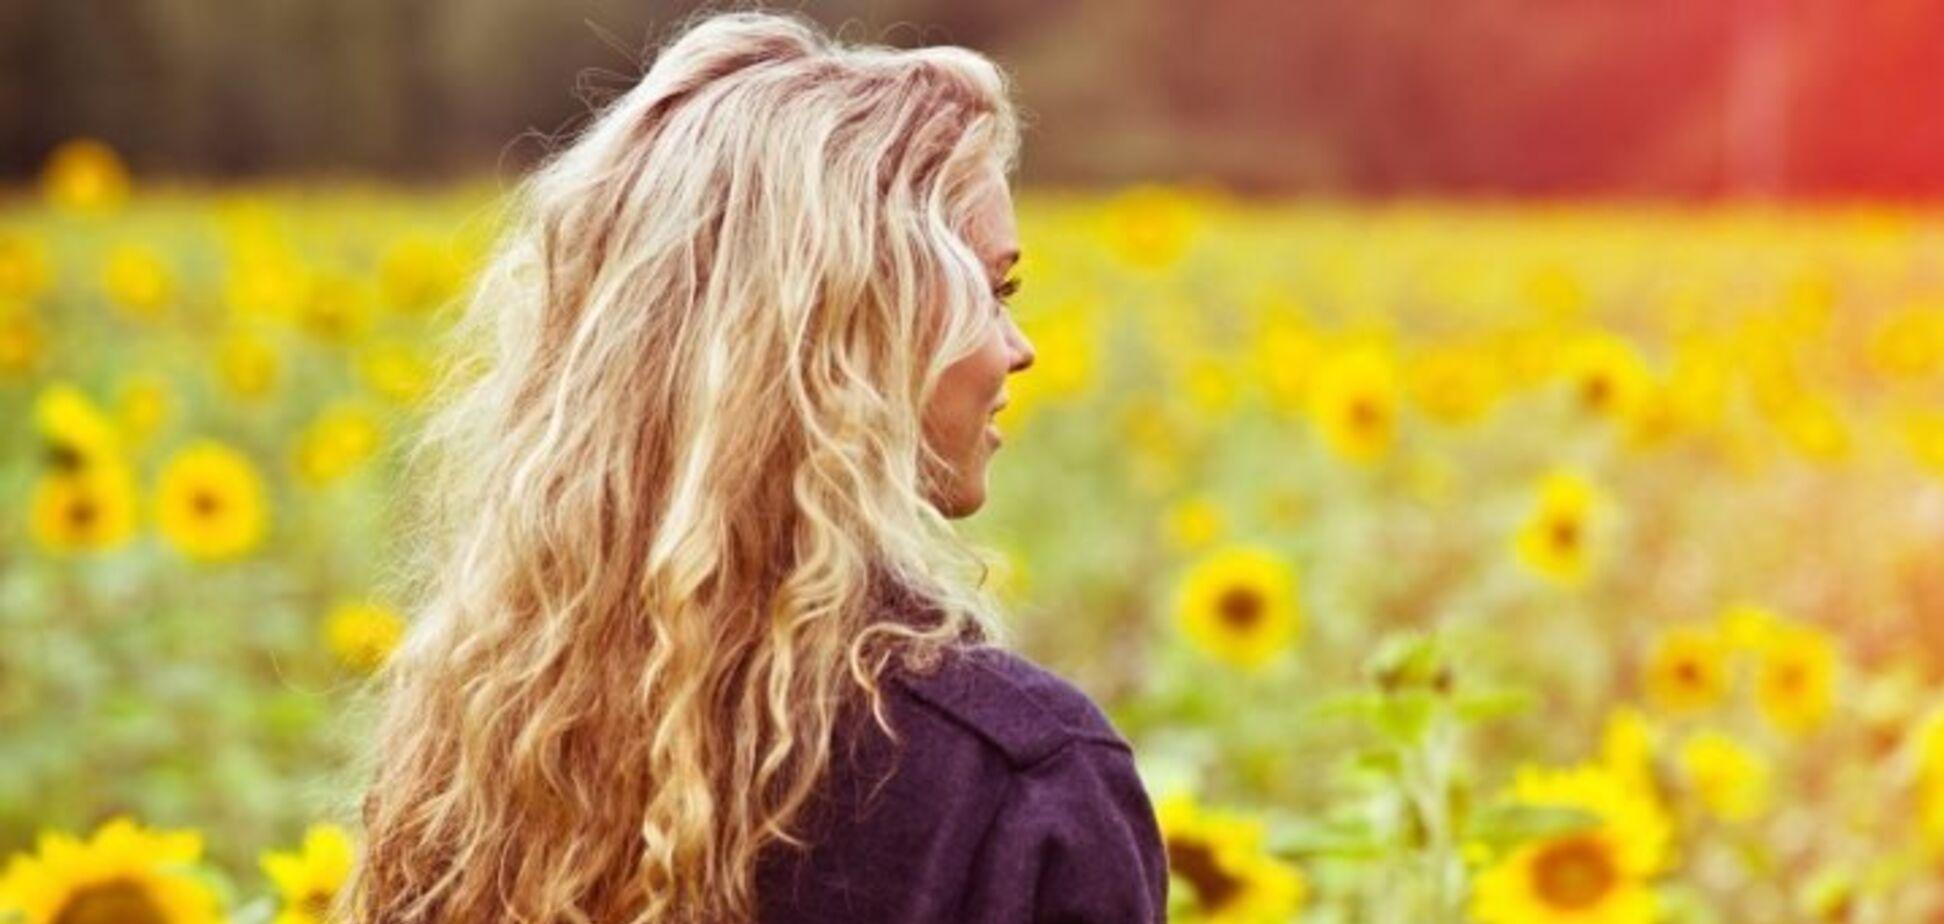 Всемирный день блондинок: что известно о необычном празднике